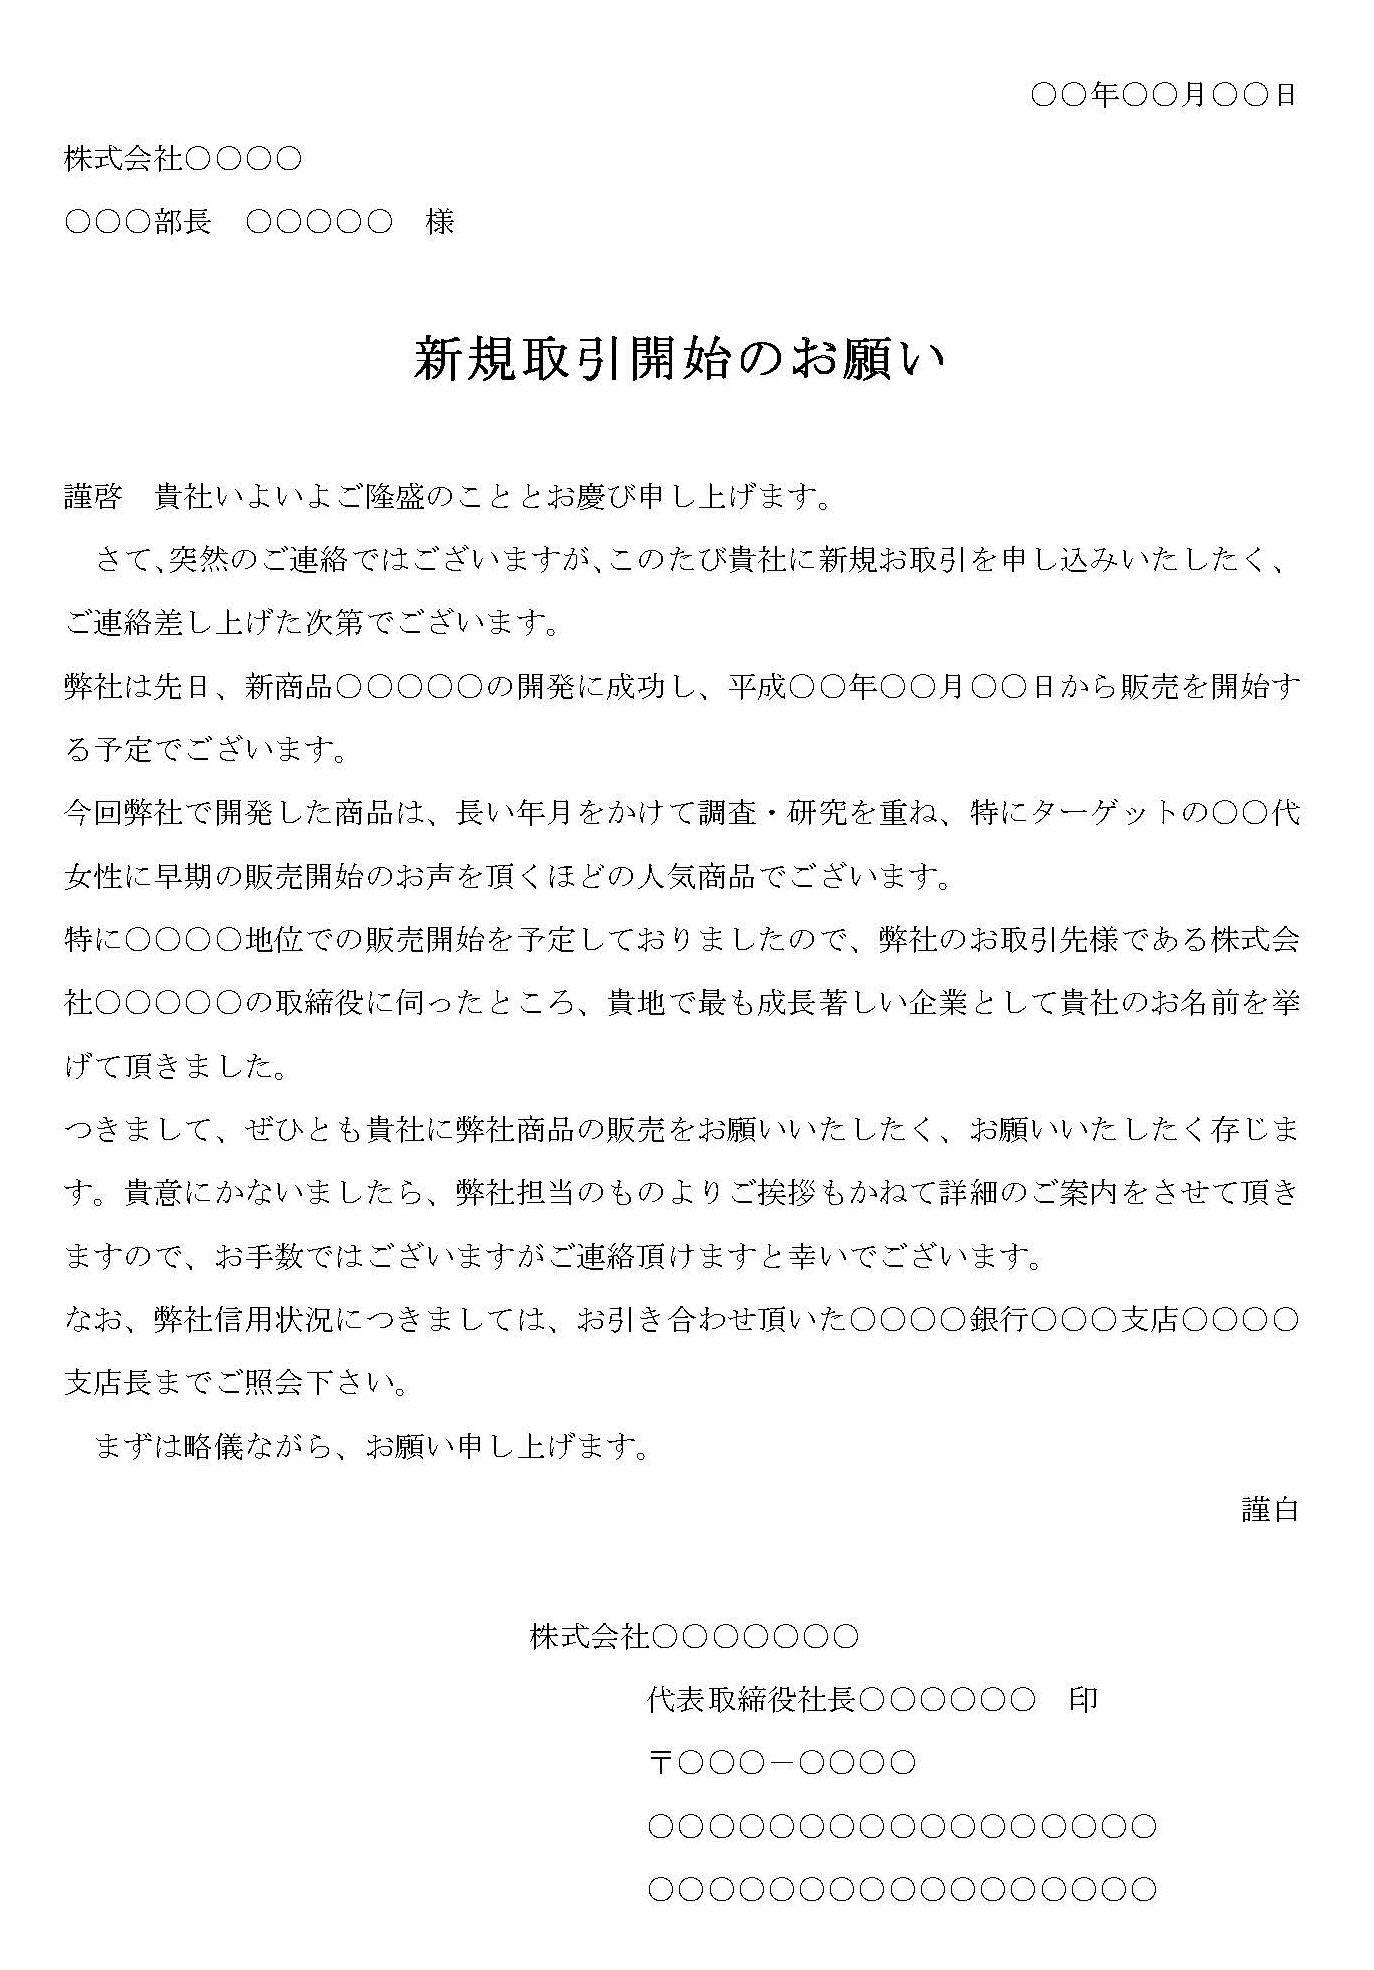 依頼状(新規取引依頼)09